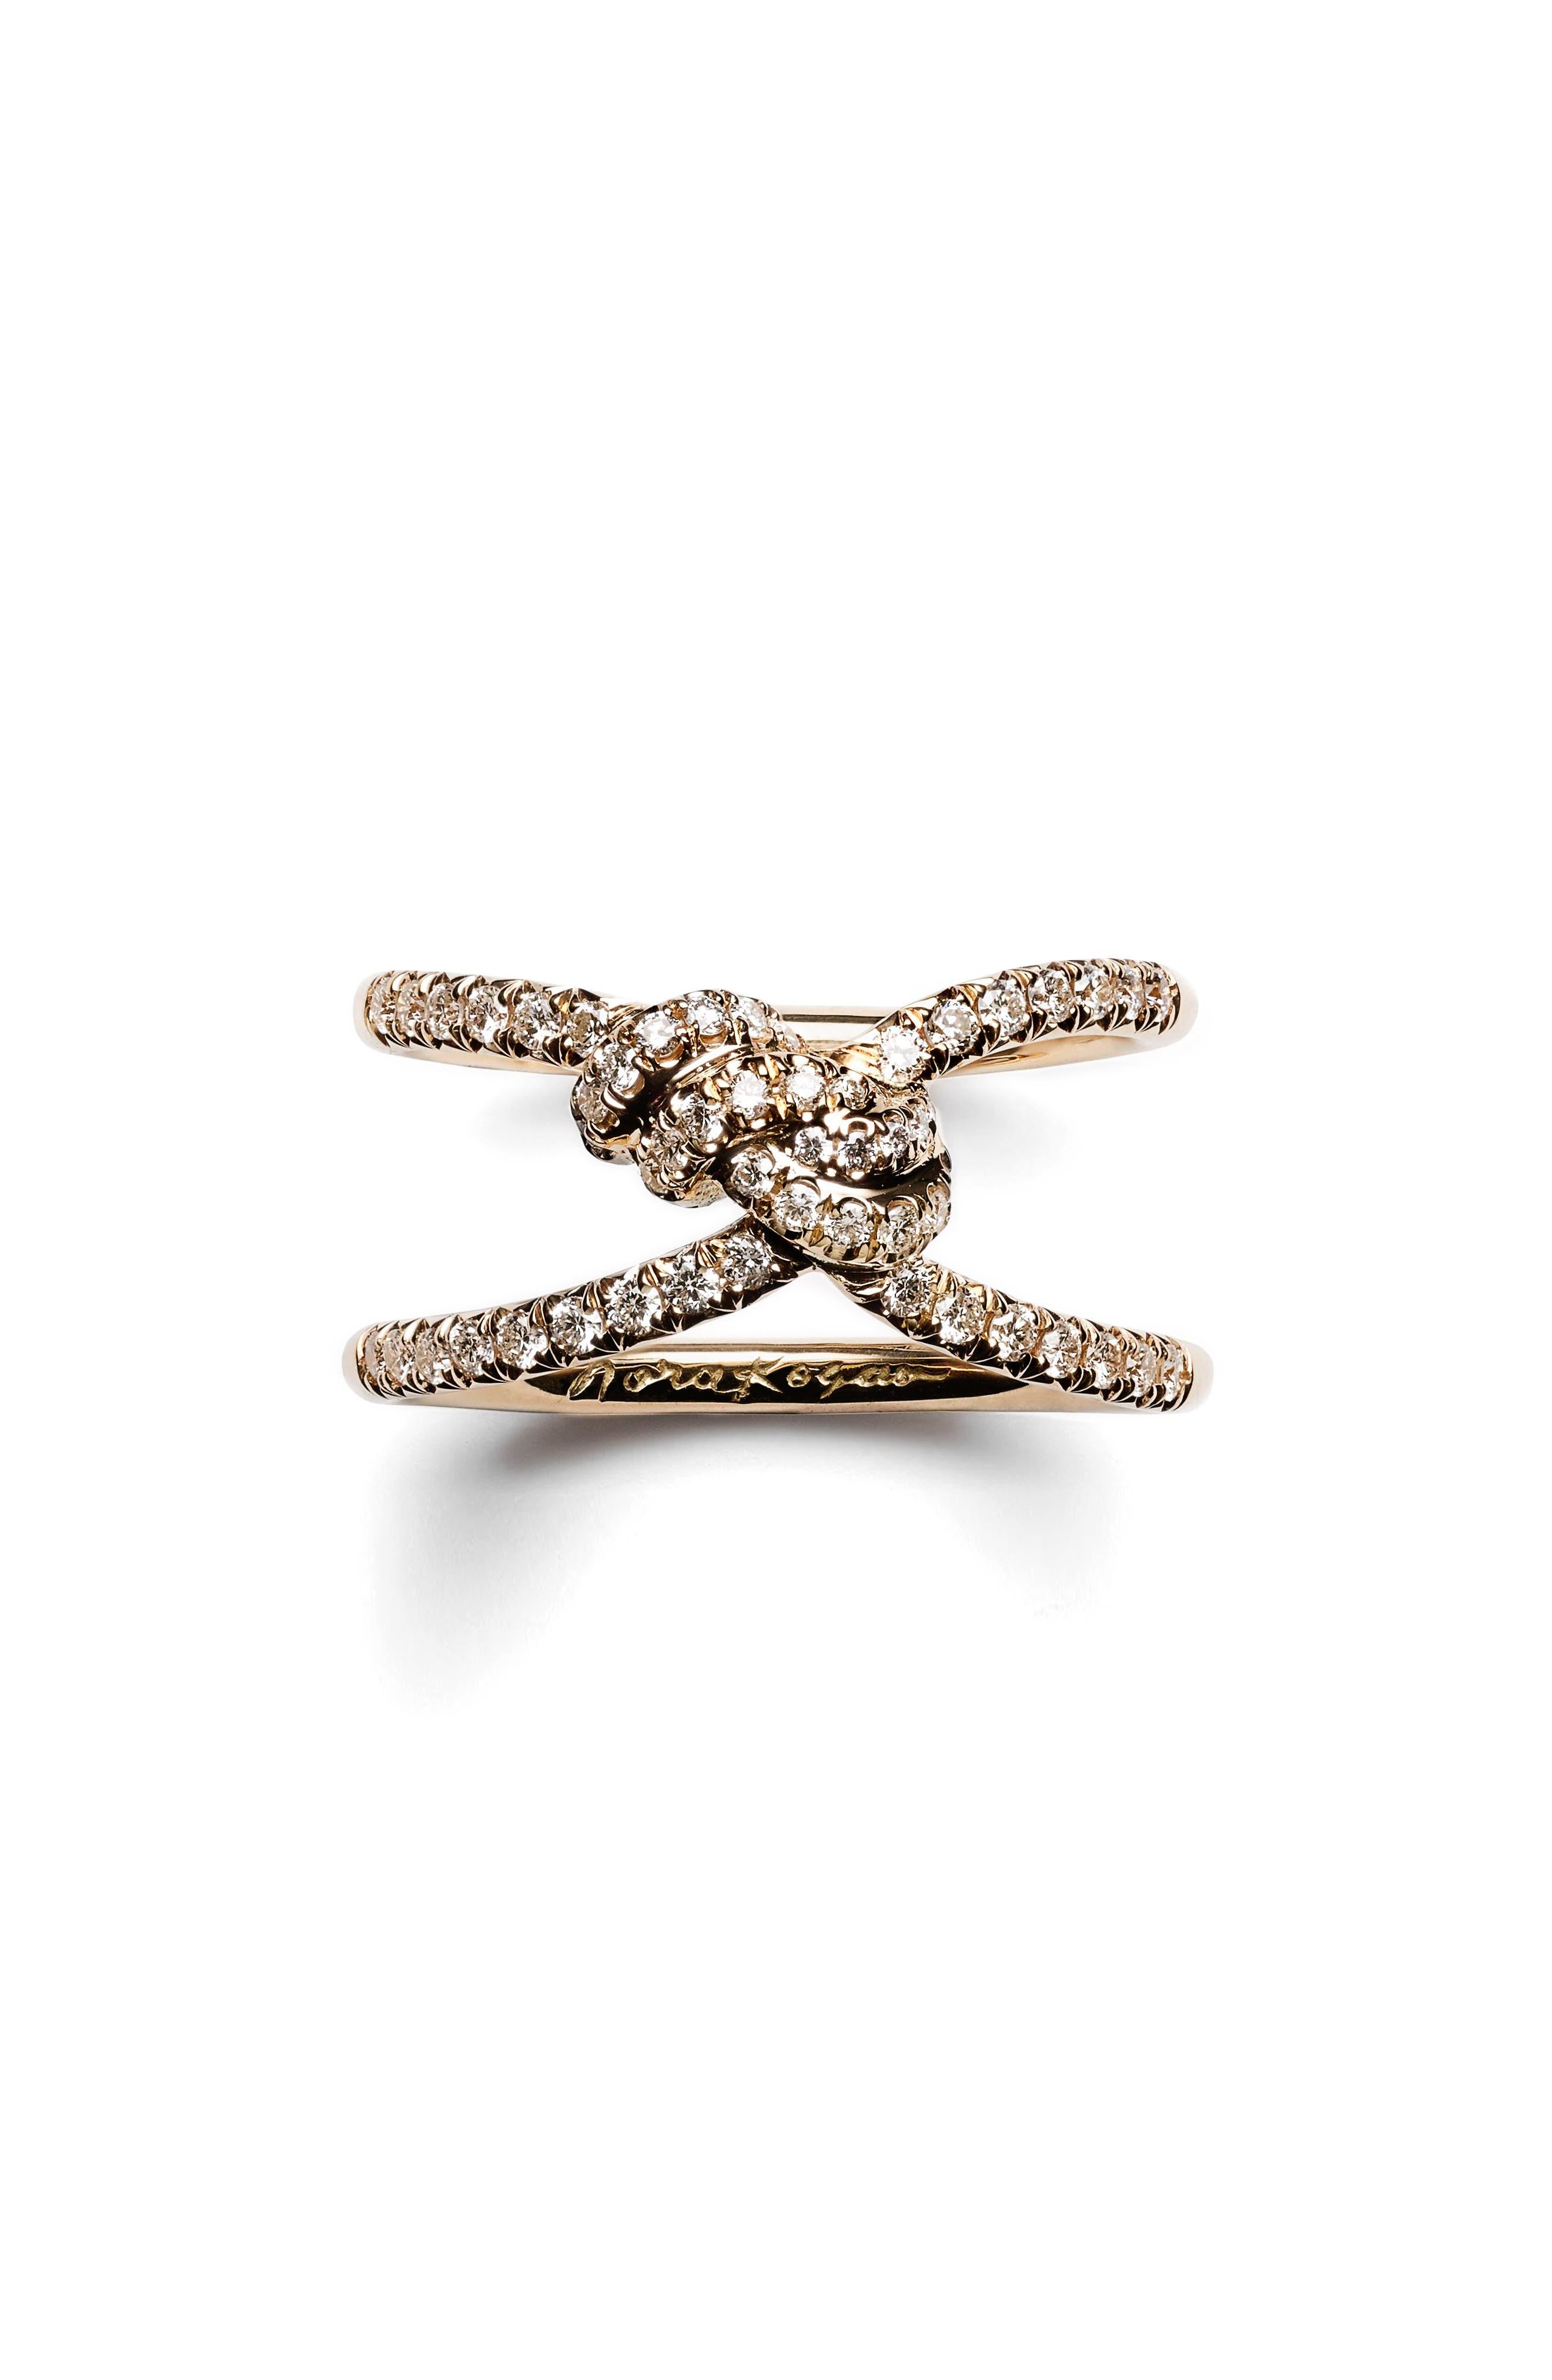 Nora Kogan Diamond Yuki Shibari Knot Ring